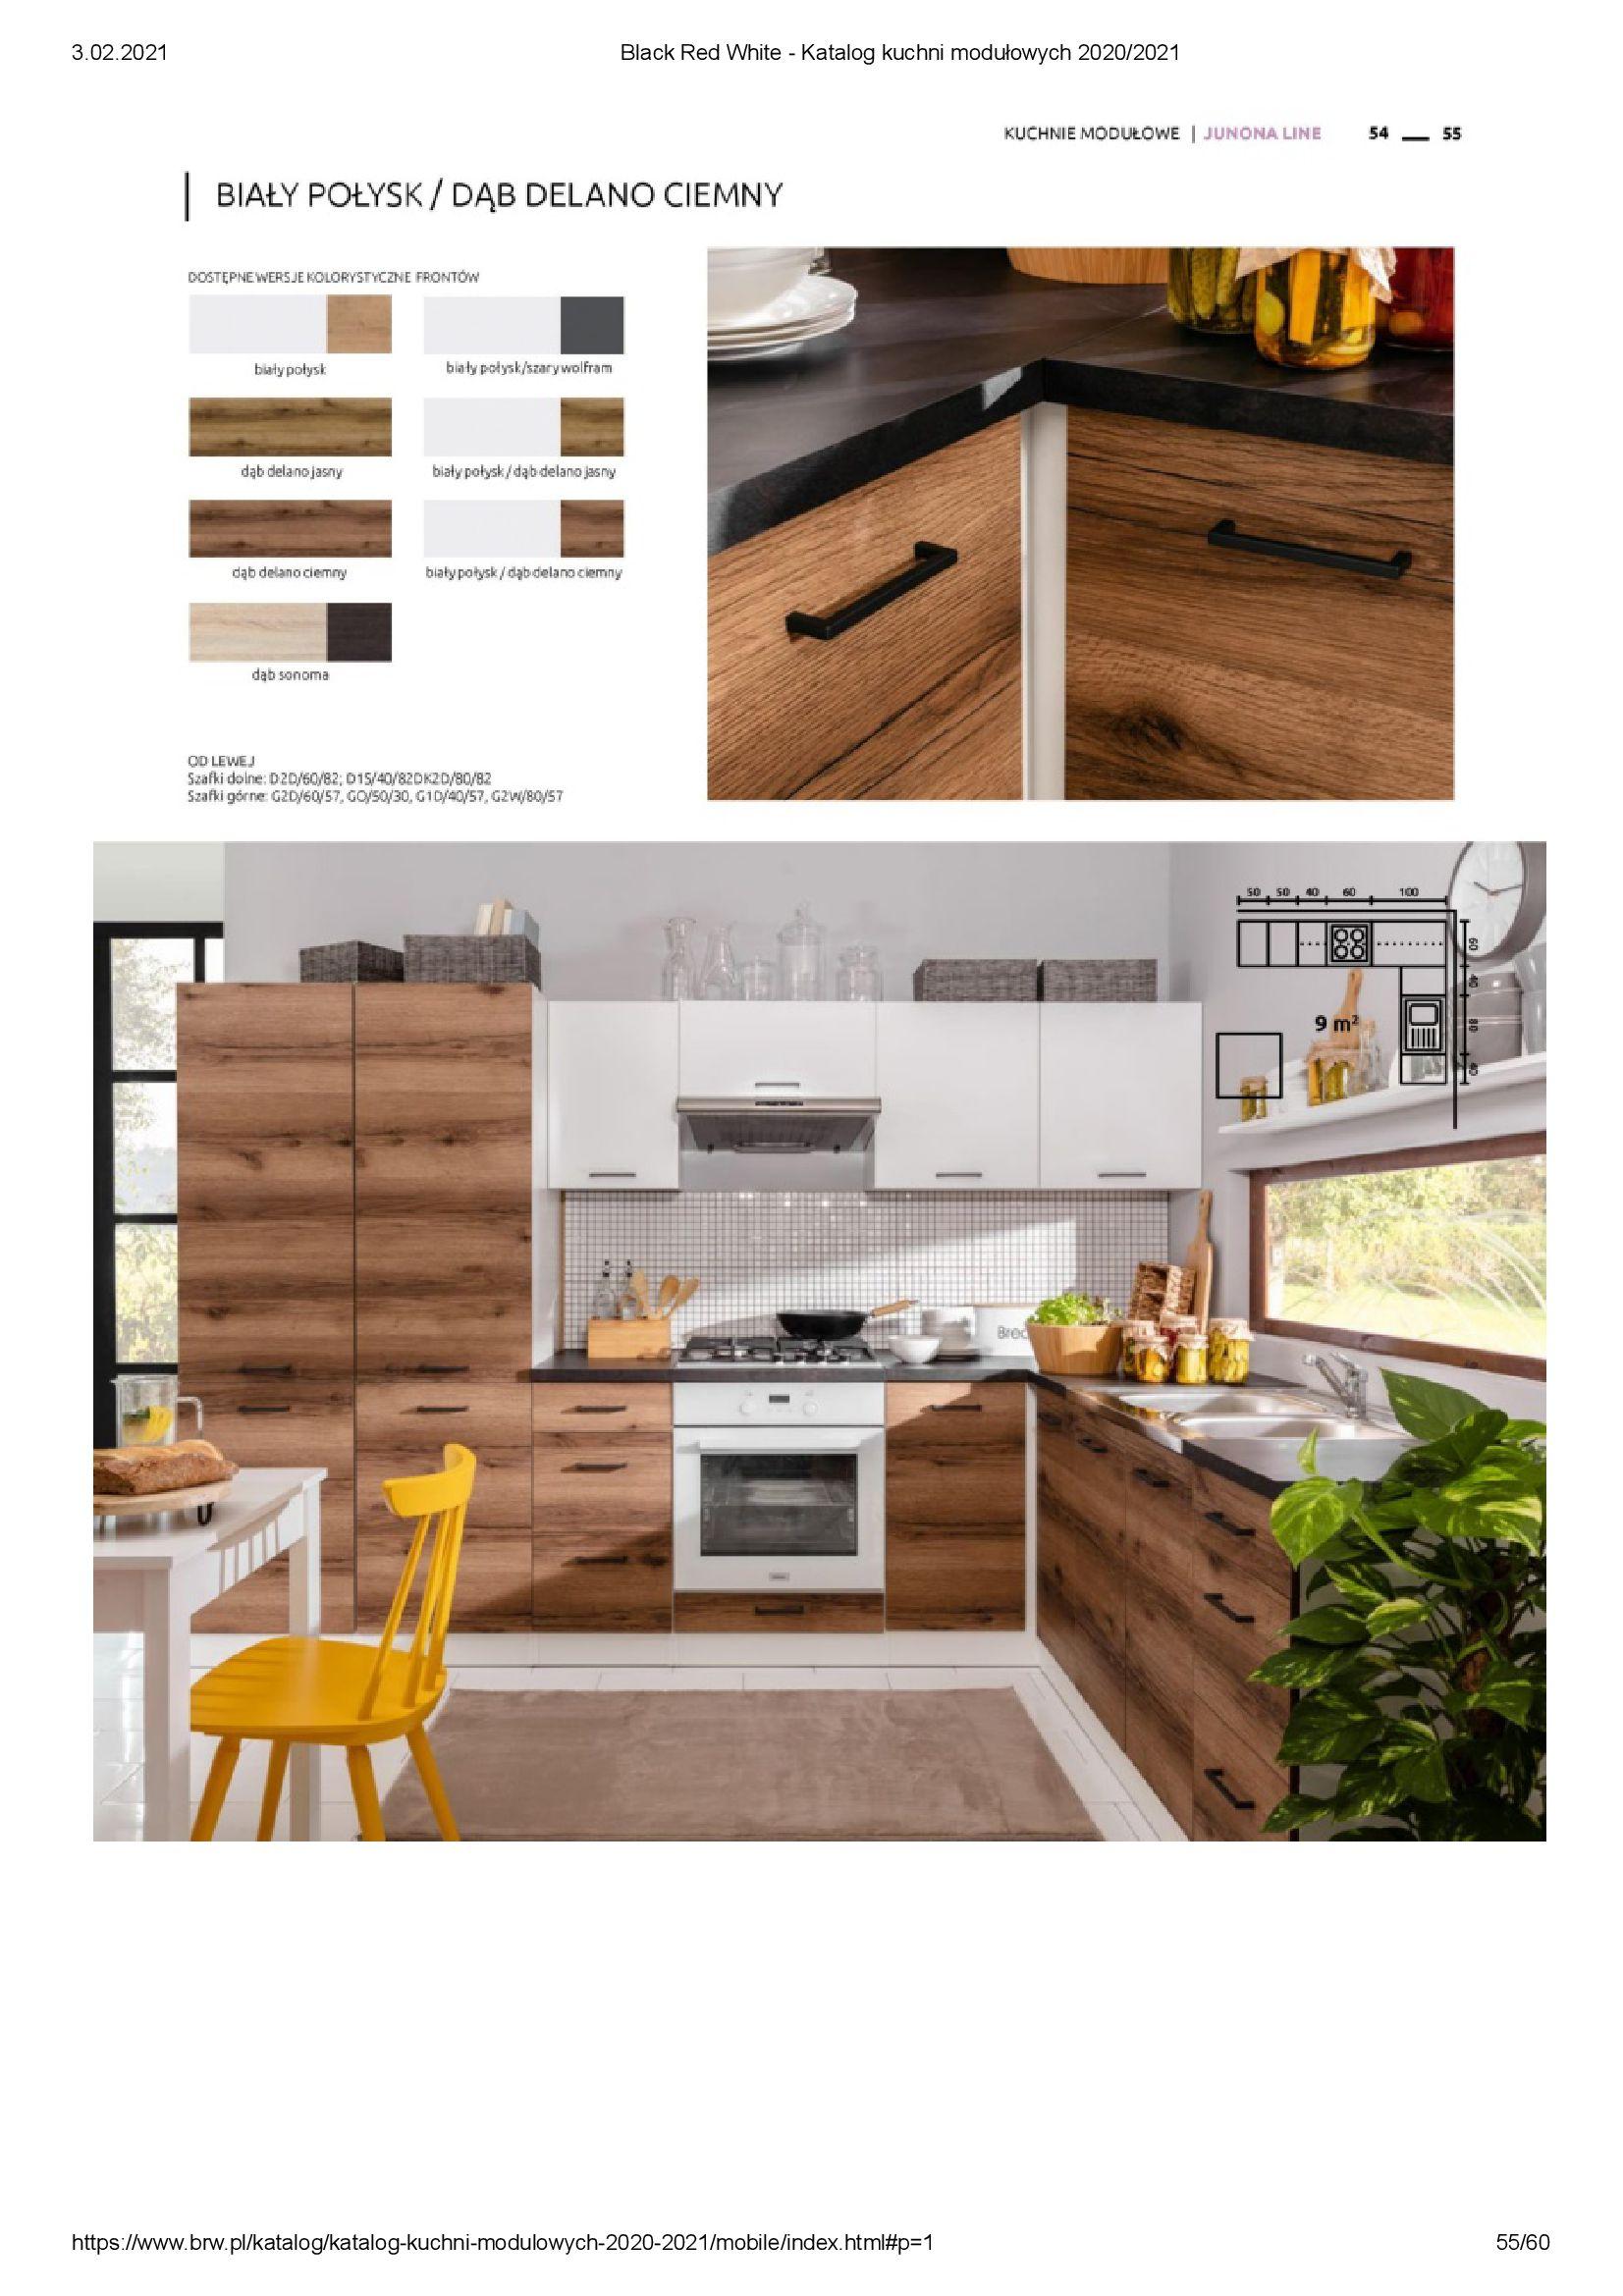 Gazetka Black Red White: Katalog - Kuchnie modułowe 2020/2021 2021-01-01 page-55